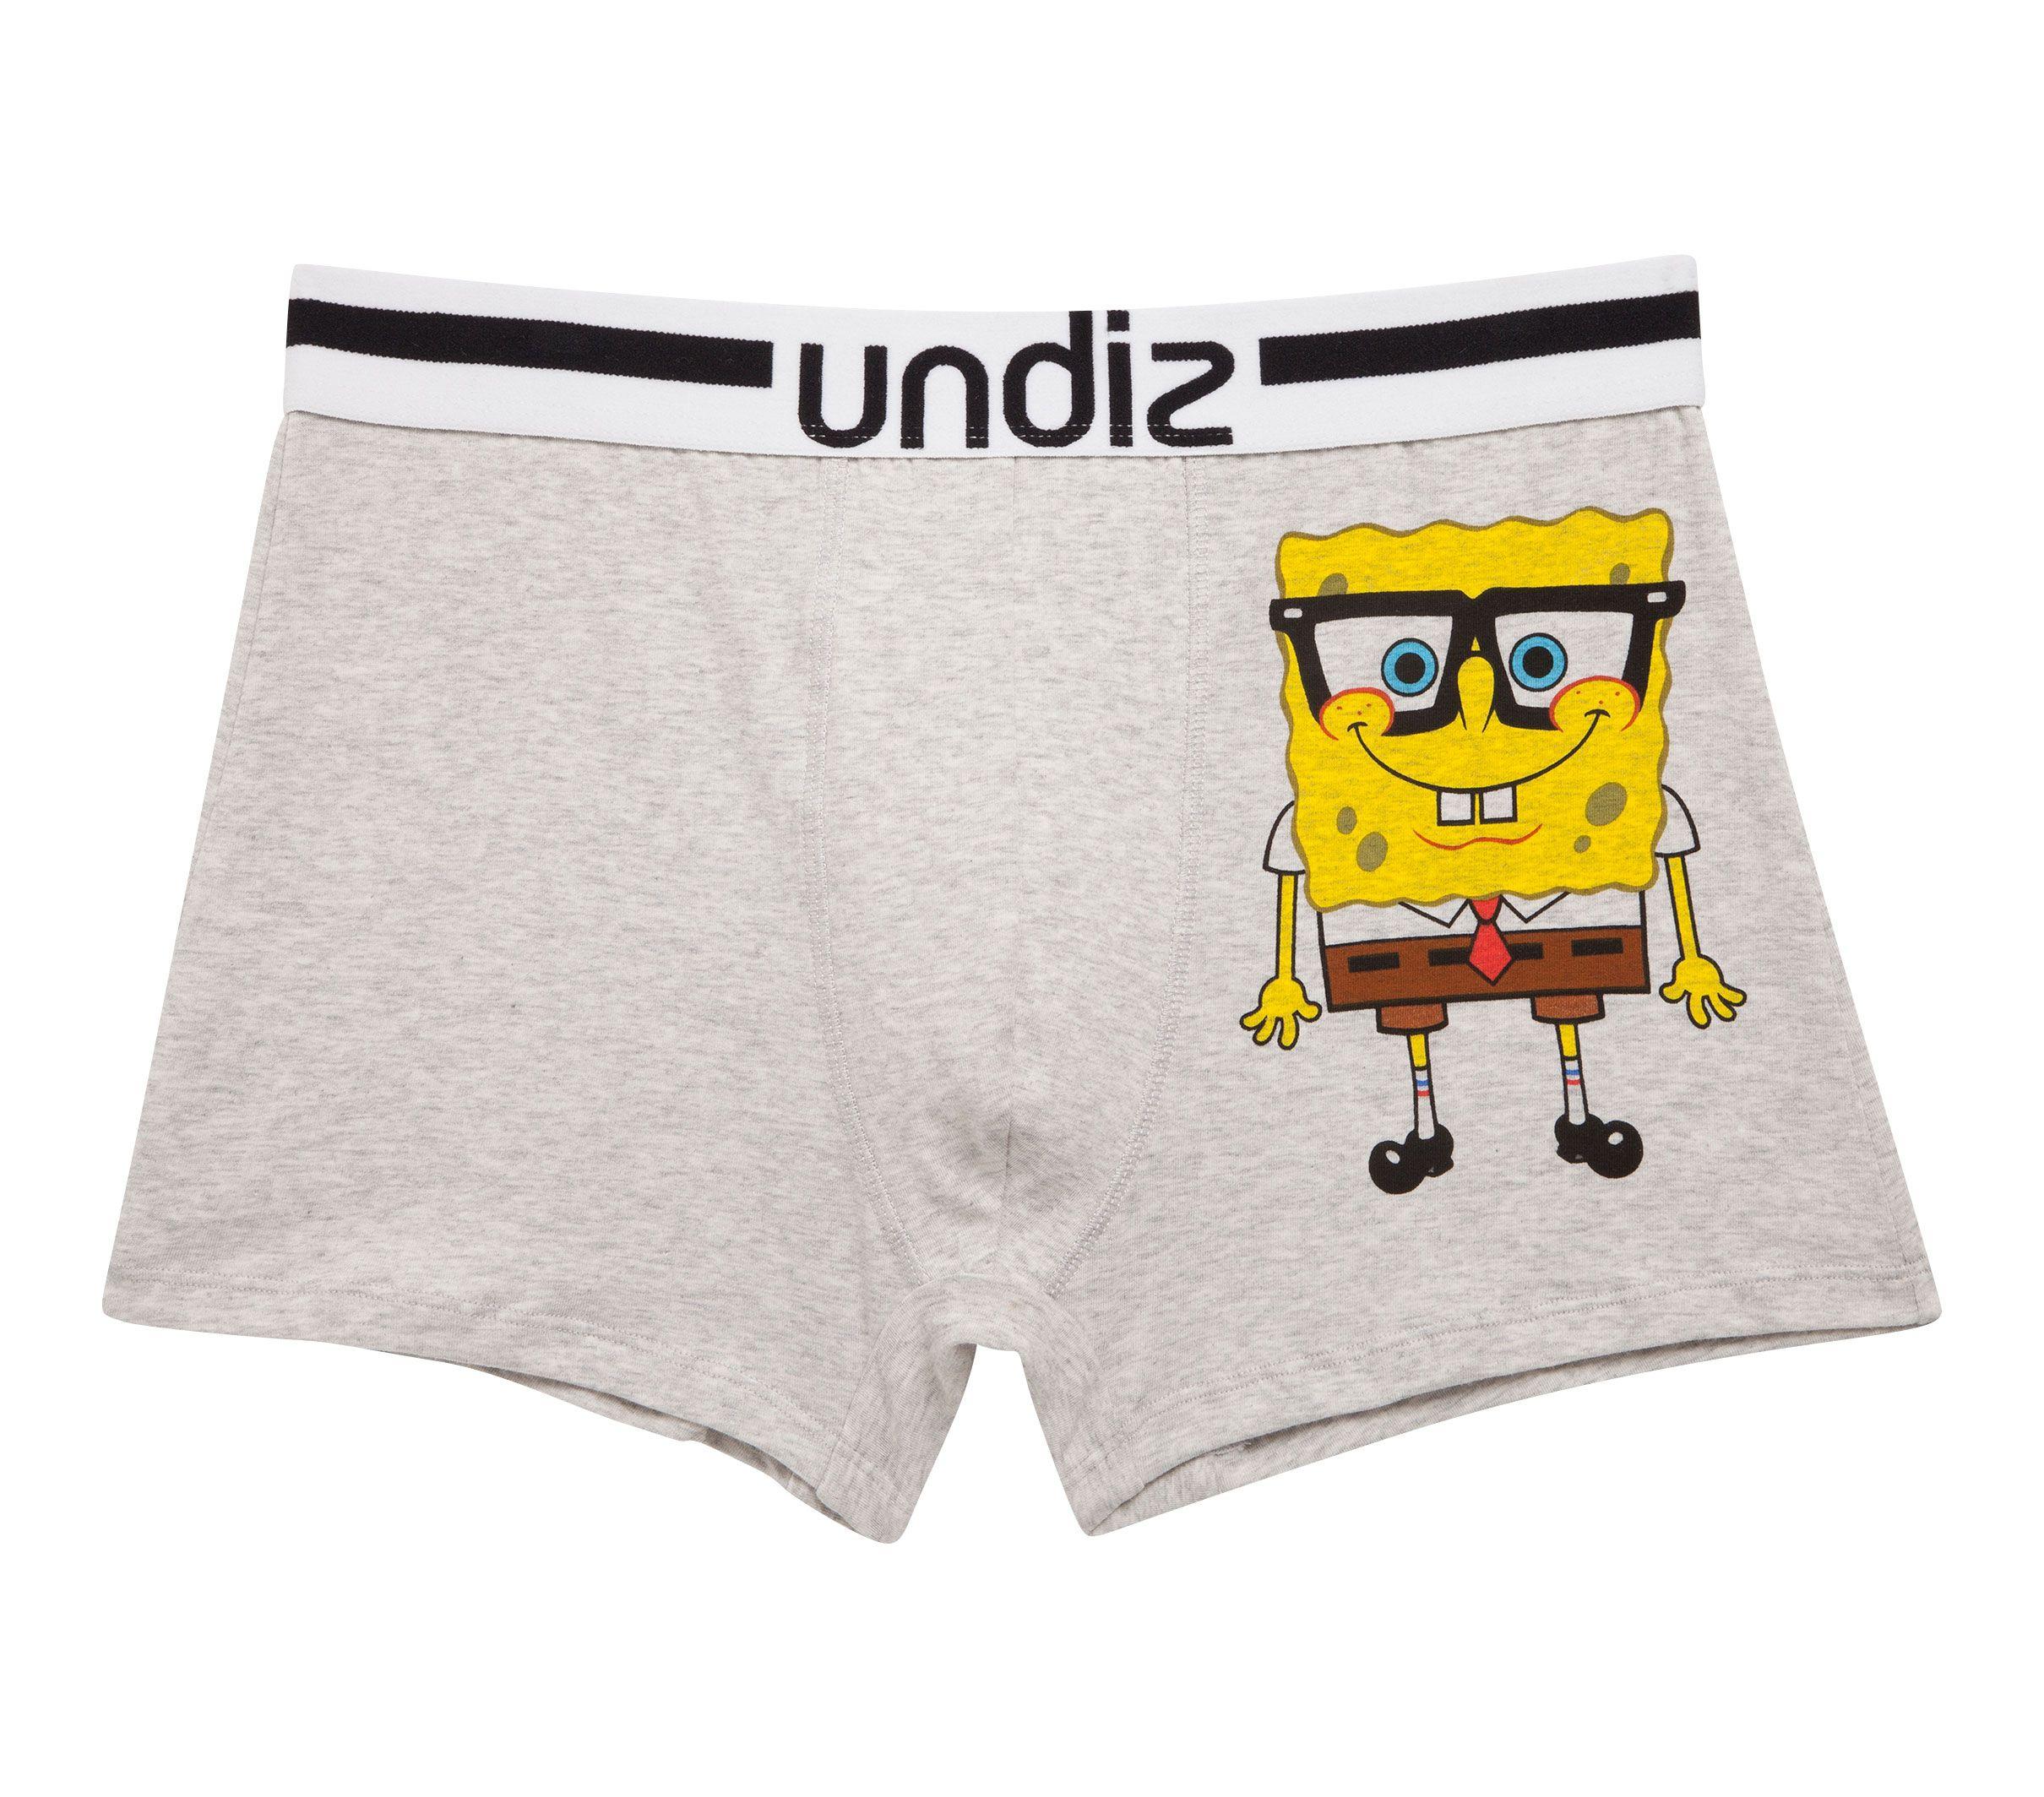 d807827d3f15cb Undiz x SpongeBob  Boxer Homme   Styles D automne   Pinterest ...